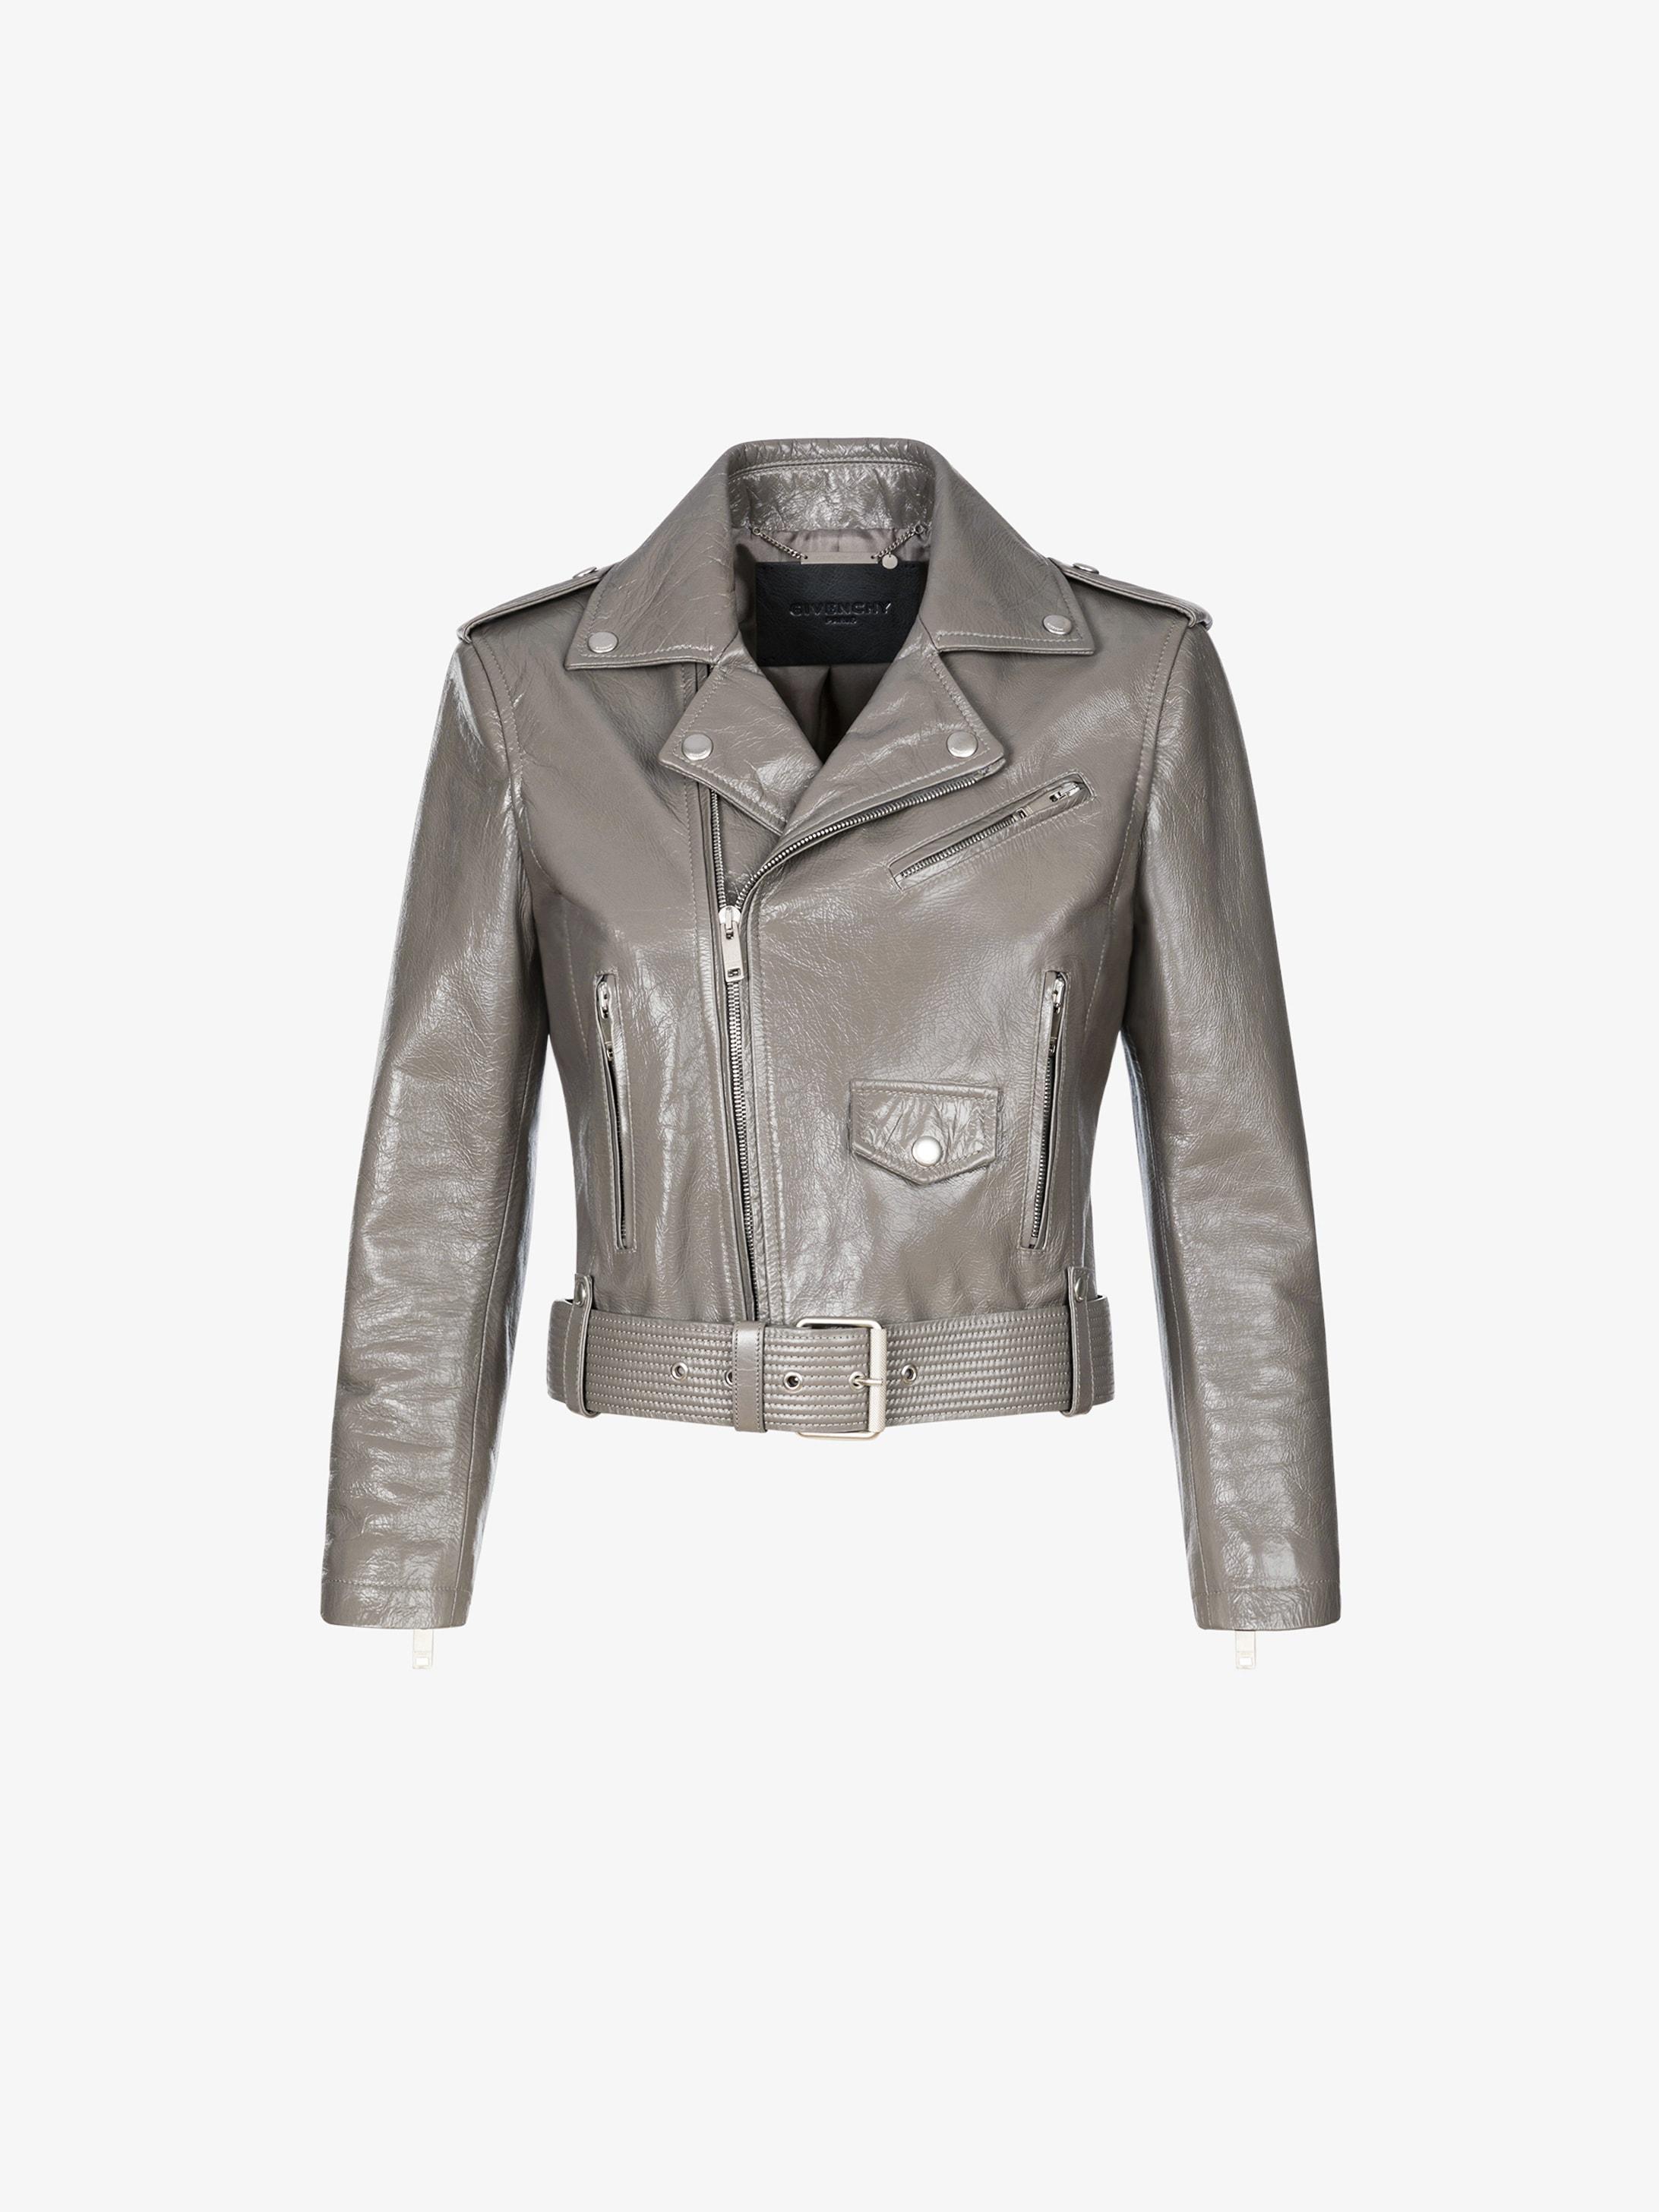 Vintage biker jacket in leather